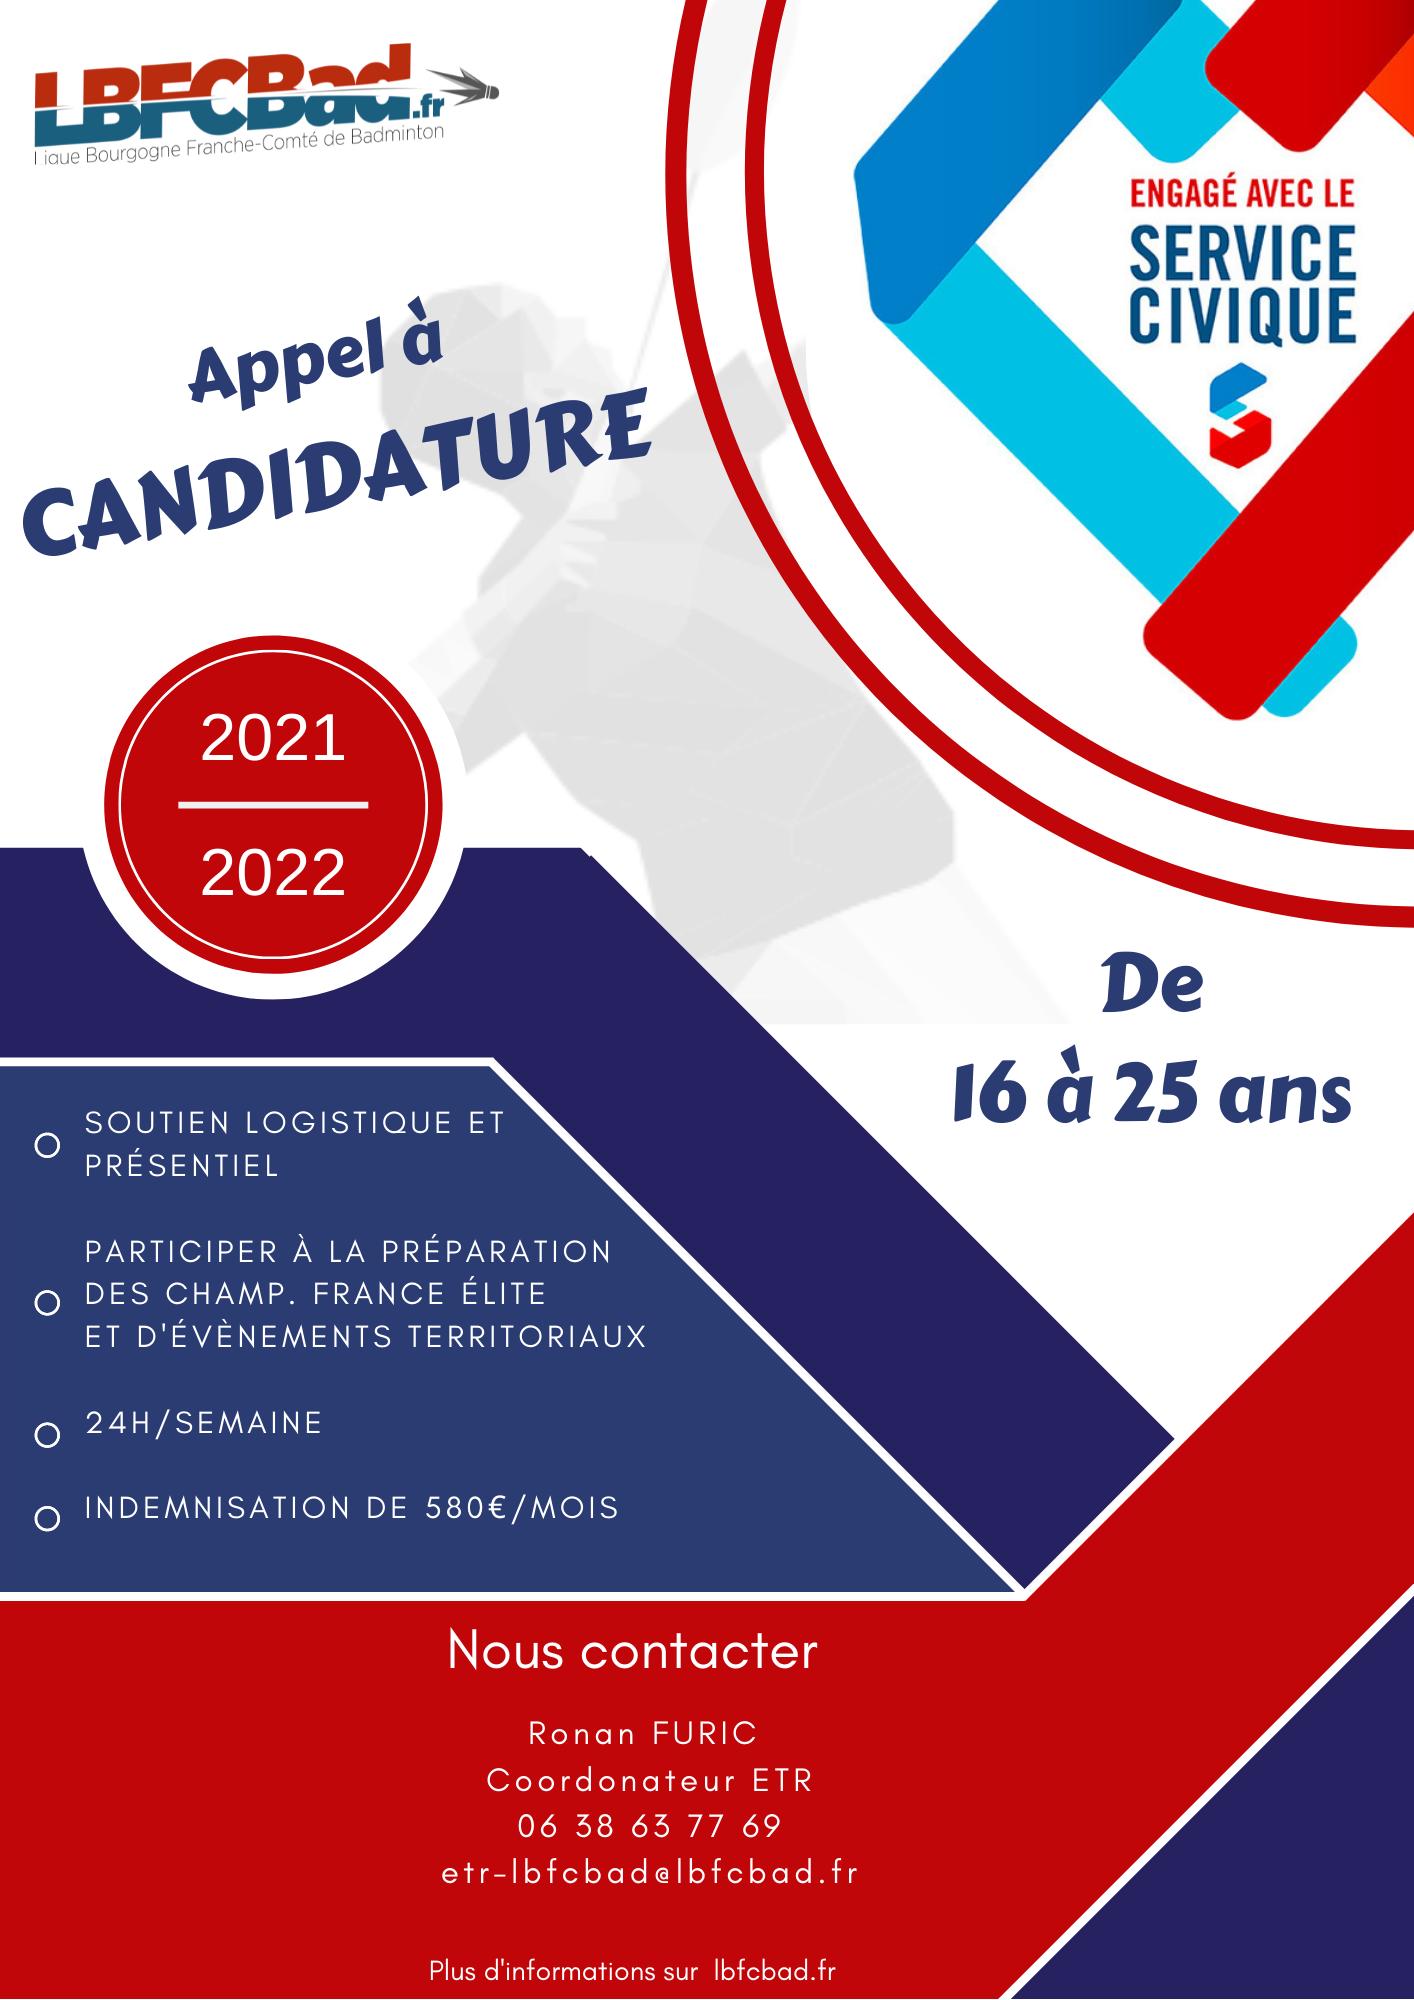 Service civique 2021-2022